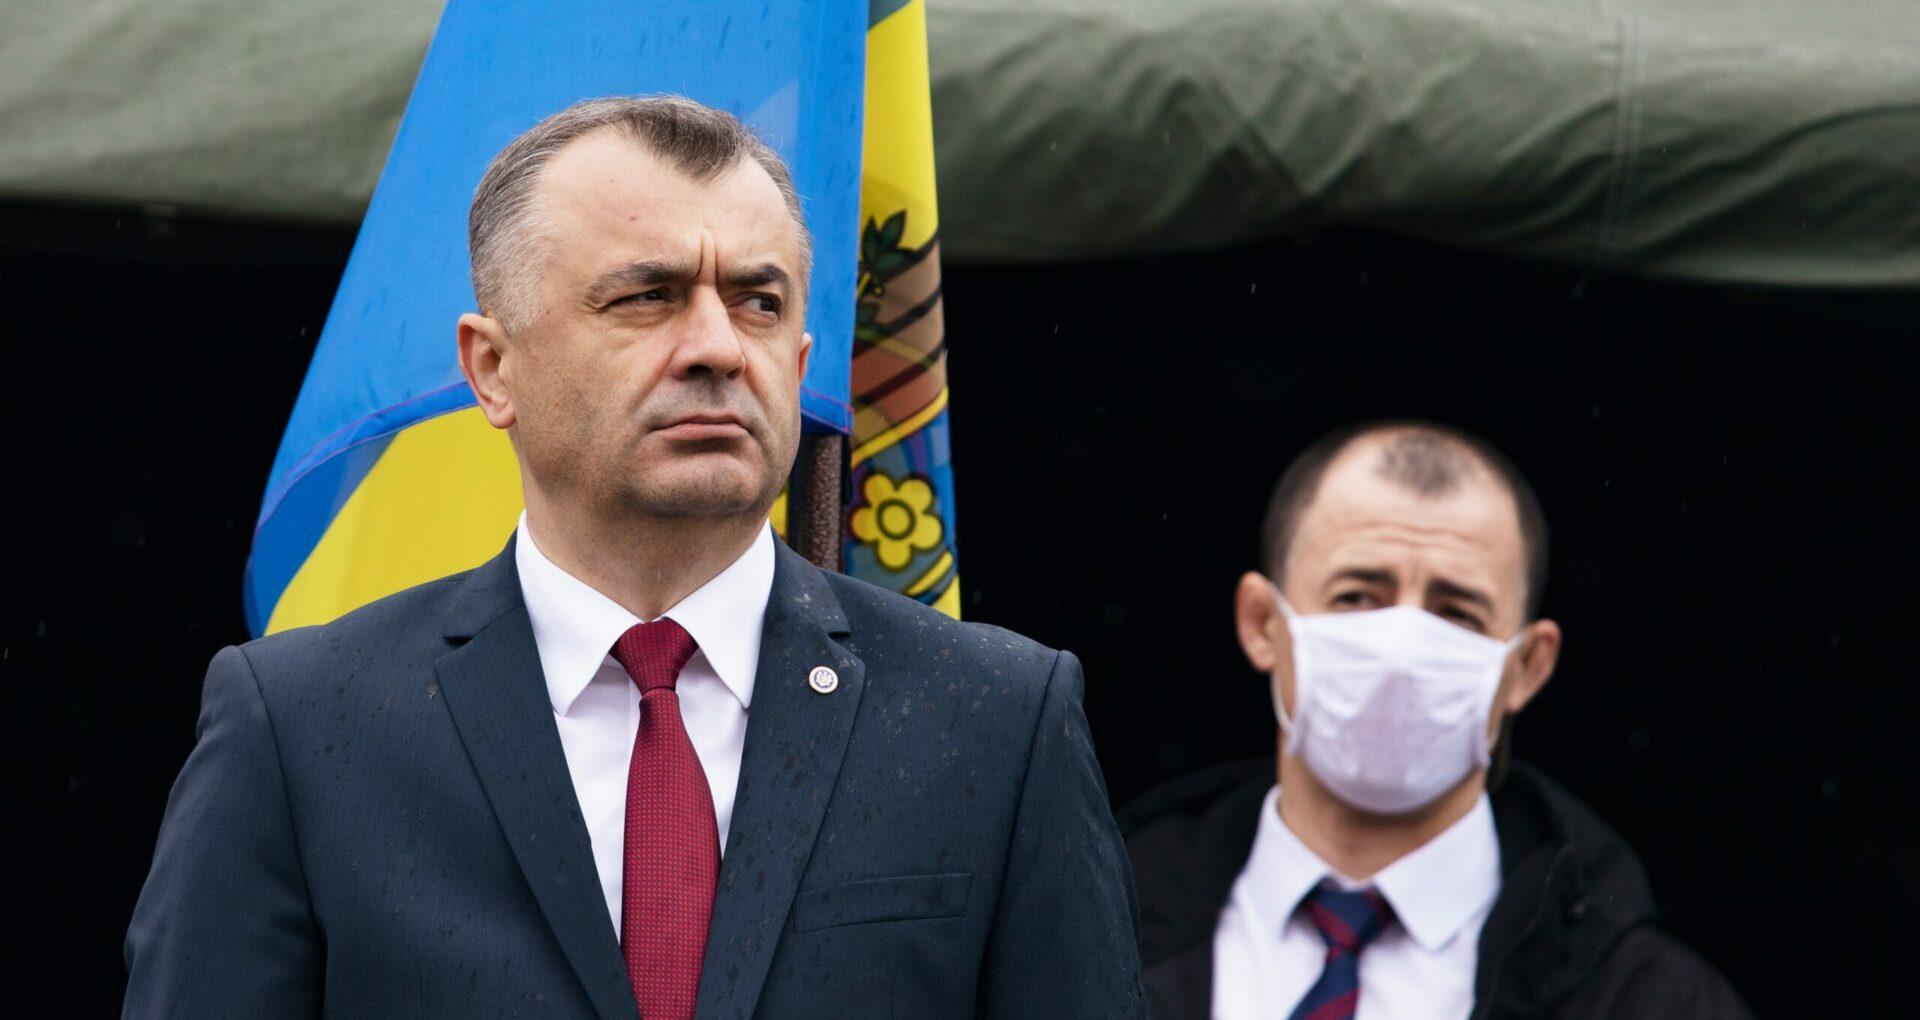 DOC/ Autoritatea Națională pentru Cetățenie va examina dosarul privind retragerea cetățeniei române a prim-ministrului Ion Chicu